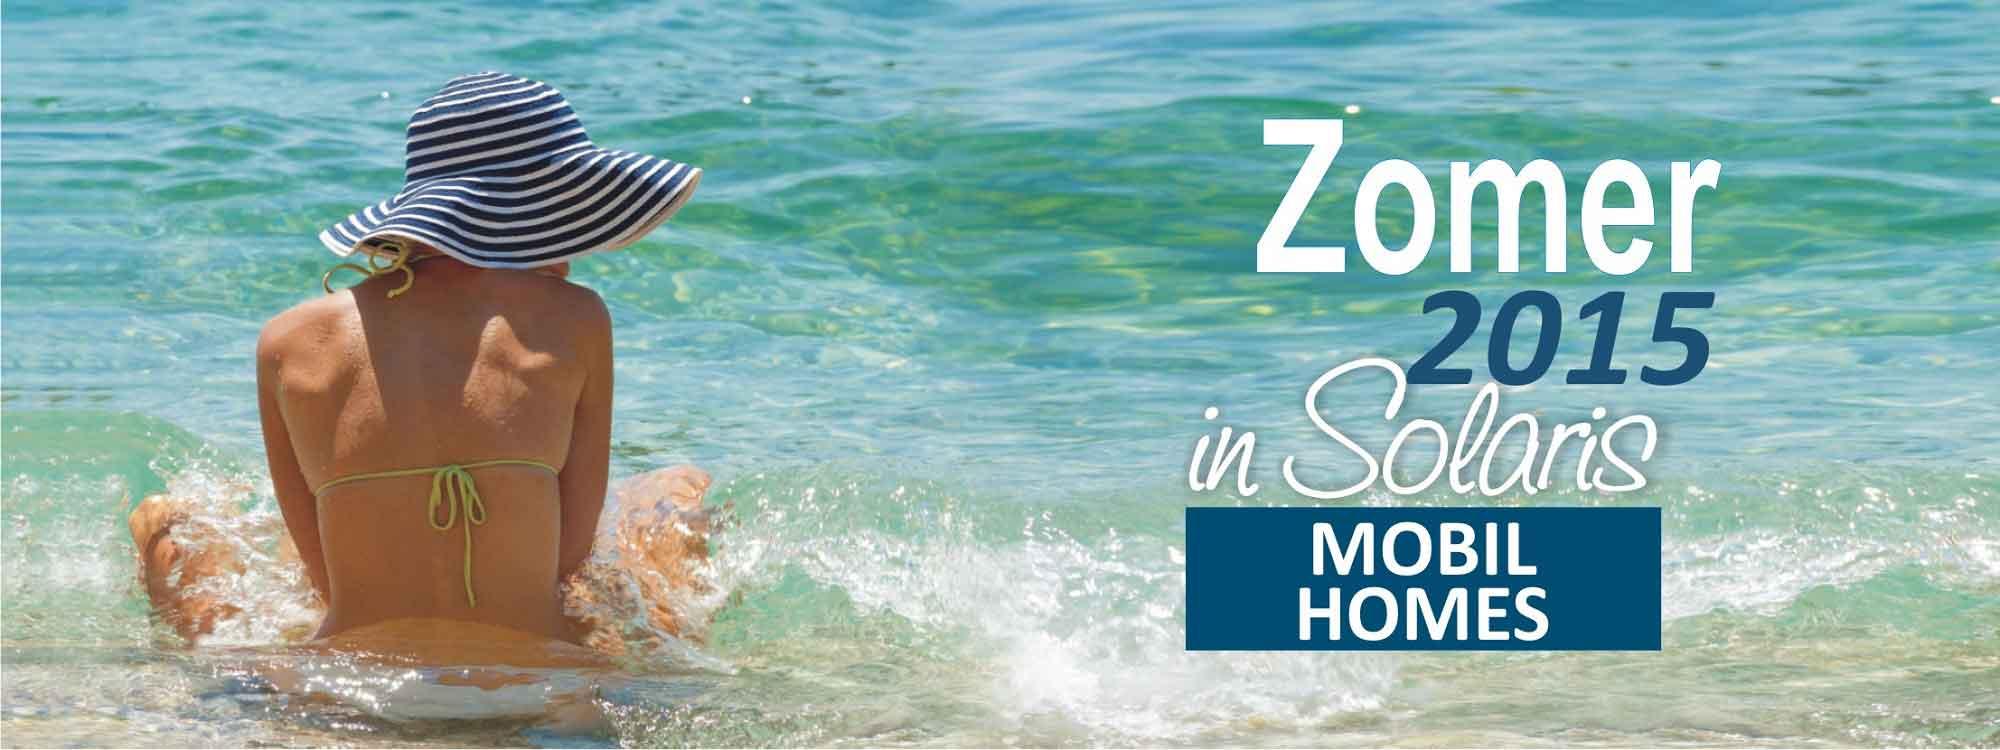 Zomer_2015_Solaris_Camping_Mobil_Homes1